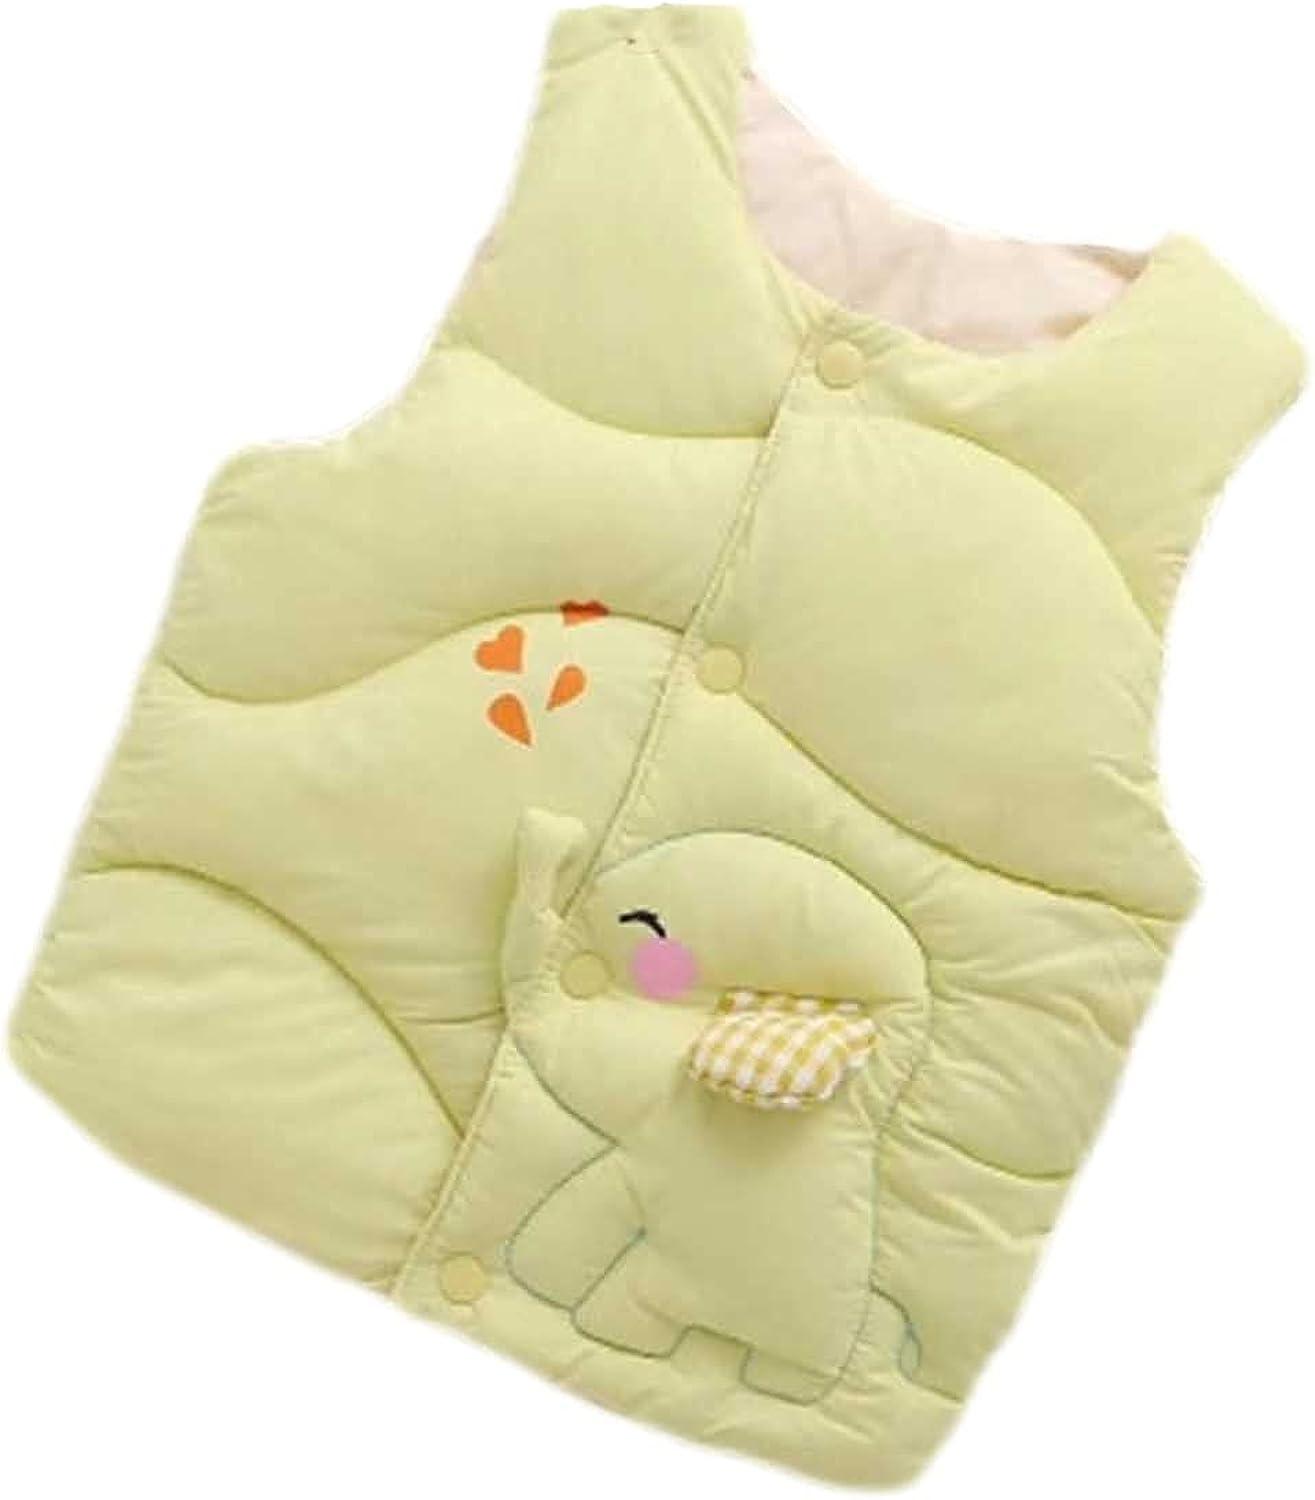 Winter Boys Thicken Vest, Children Vest Jacket, Cotton (6months-6 Years) Girls Cute Warm Waistcoat Kids Outerwear Jackets